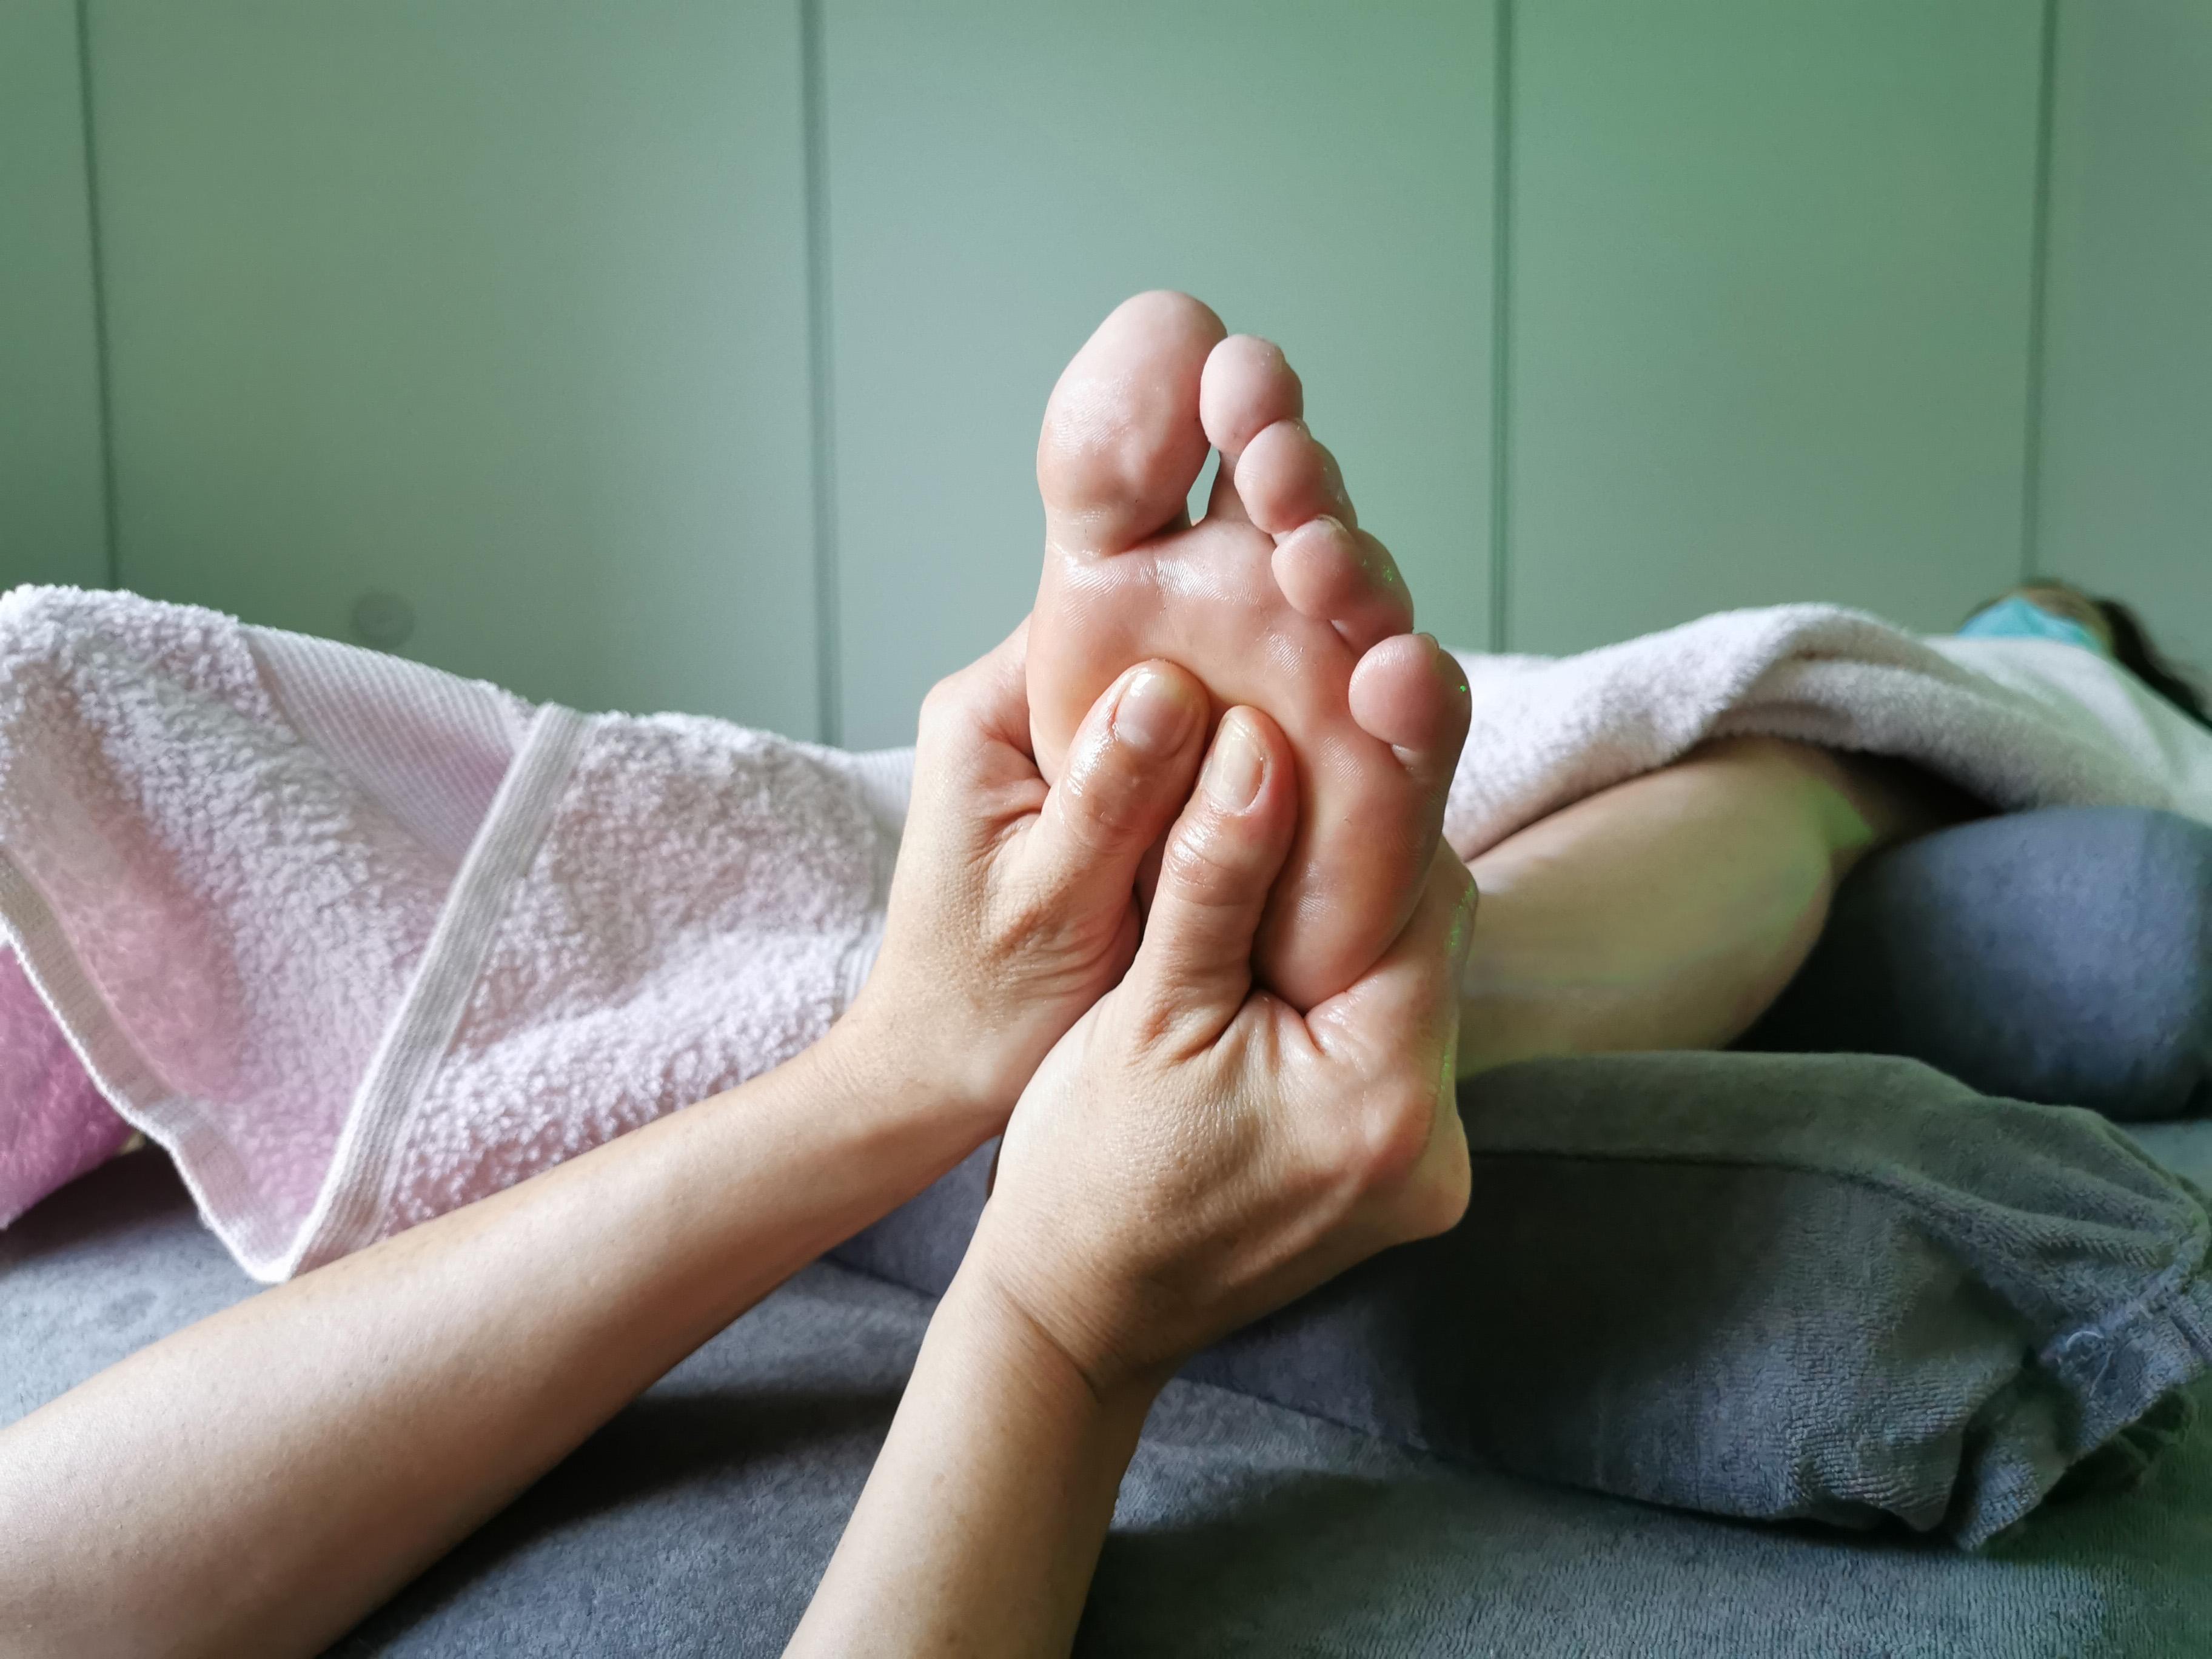 reflexologie plantaire massage des pieds. Massage de des zones réflexes. Harmonie générale.